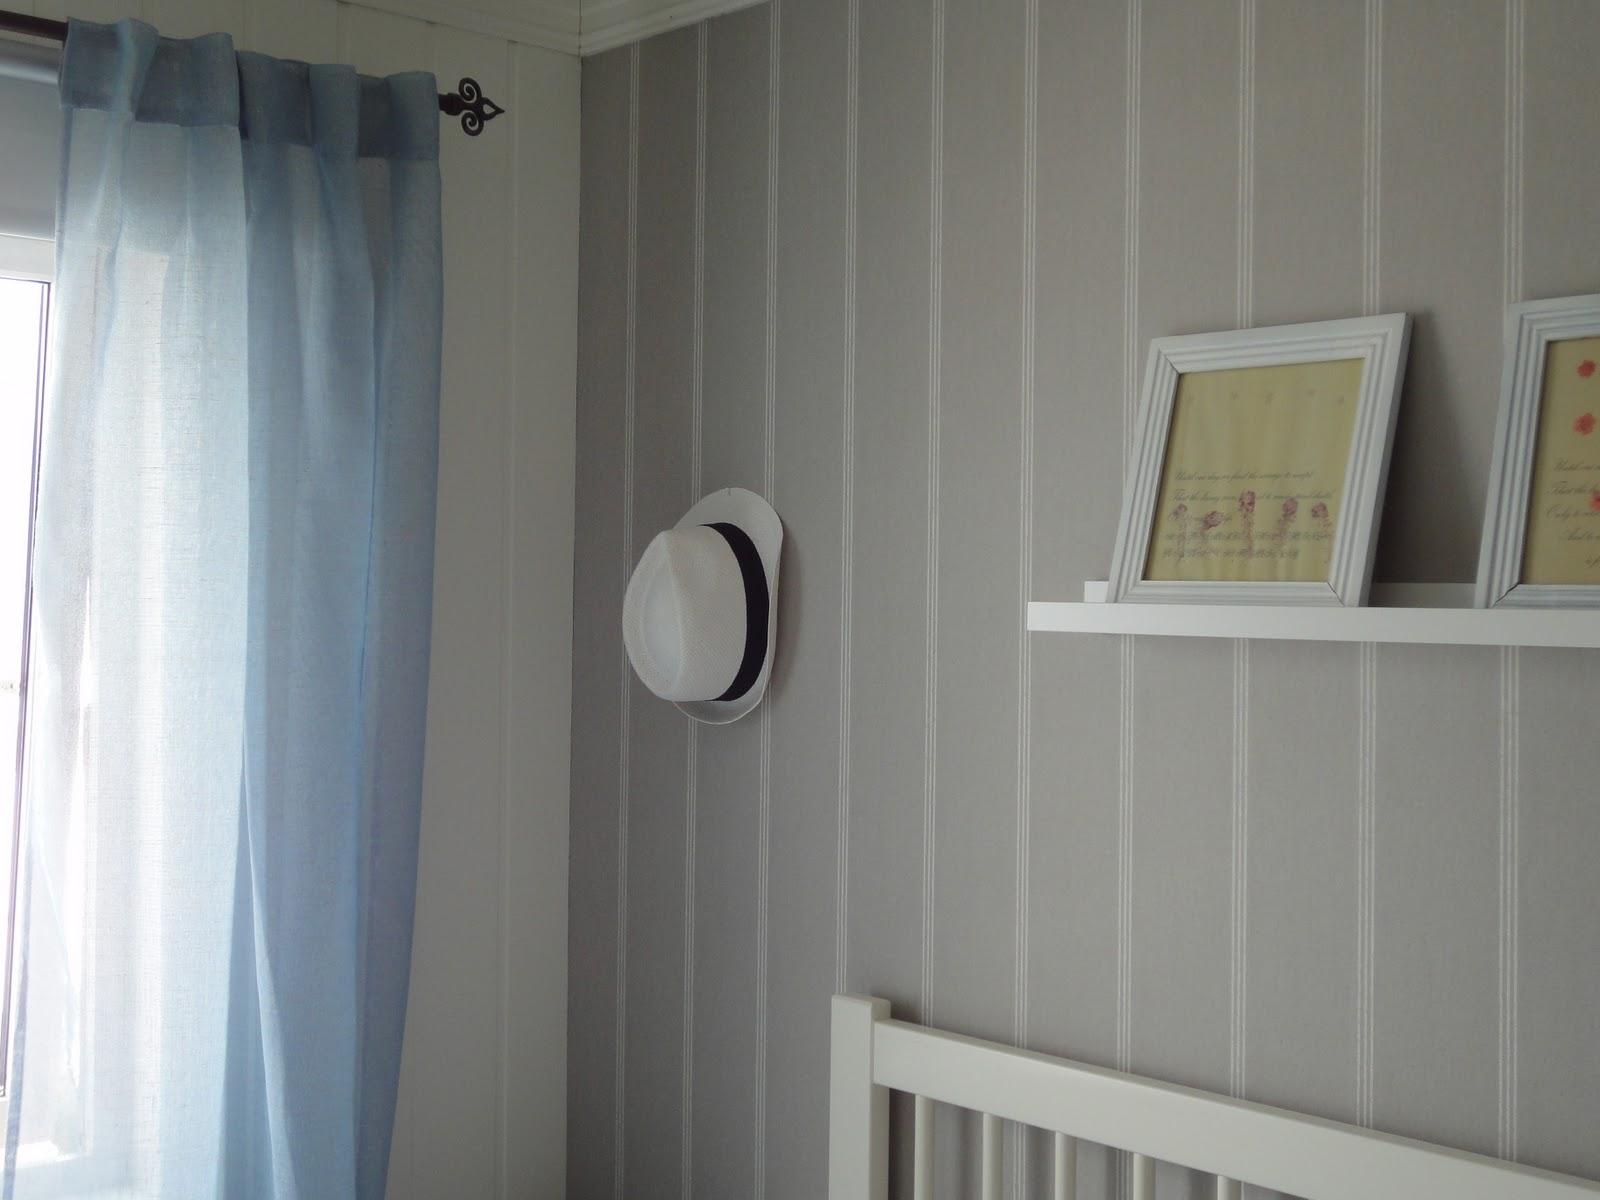 Charm: Soverom i grått, blått og hvitt...